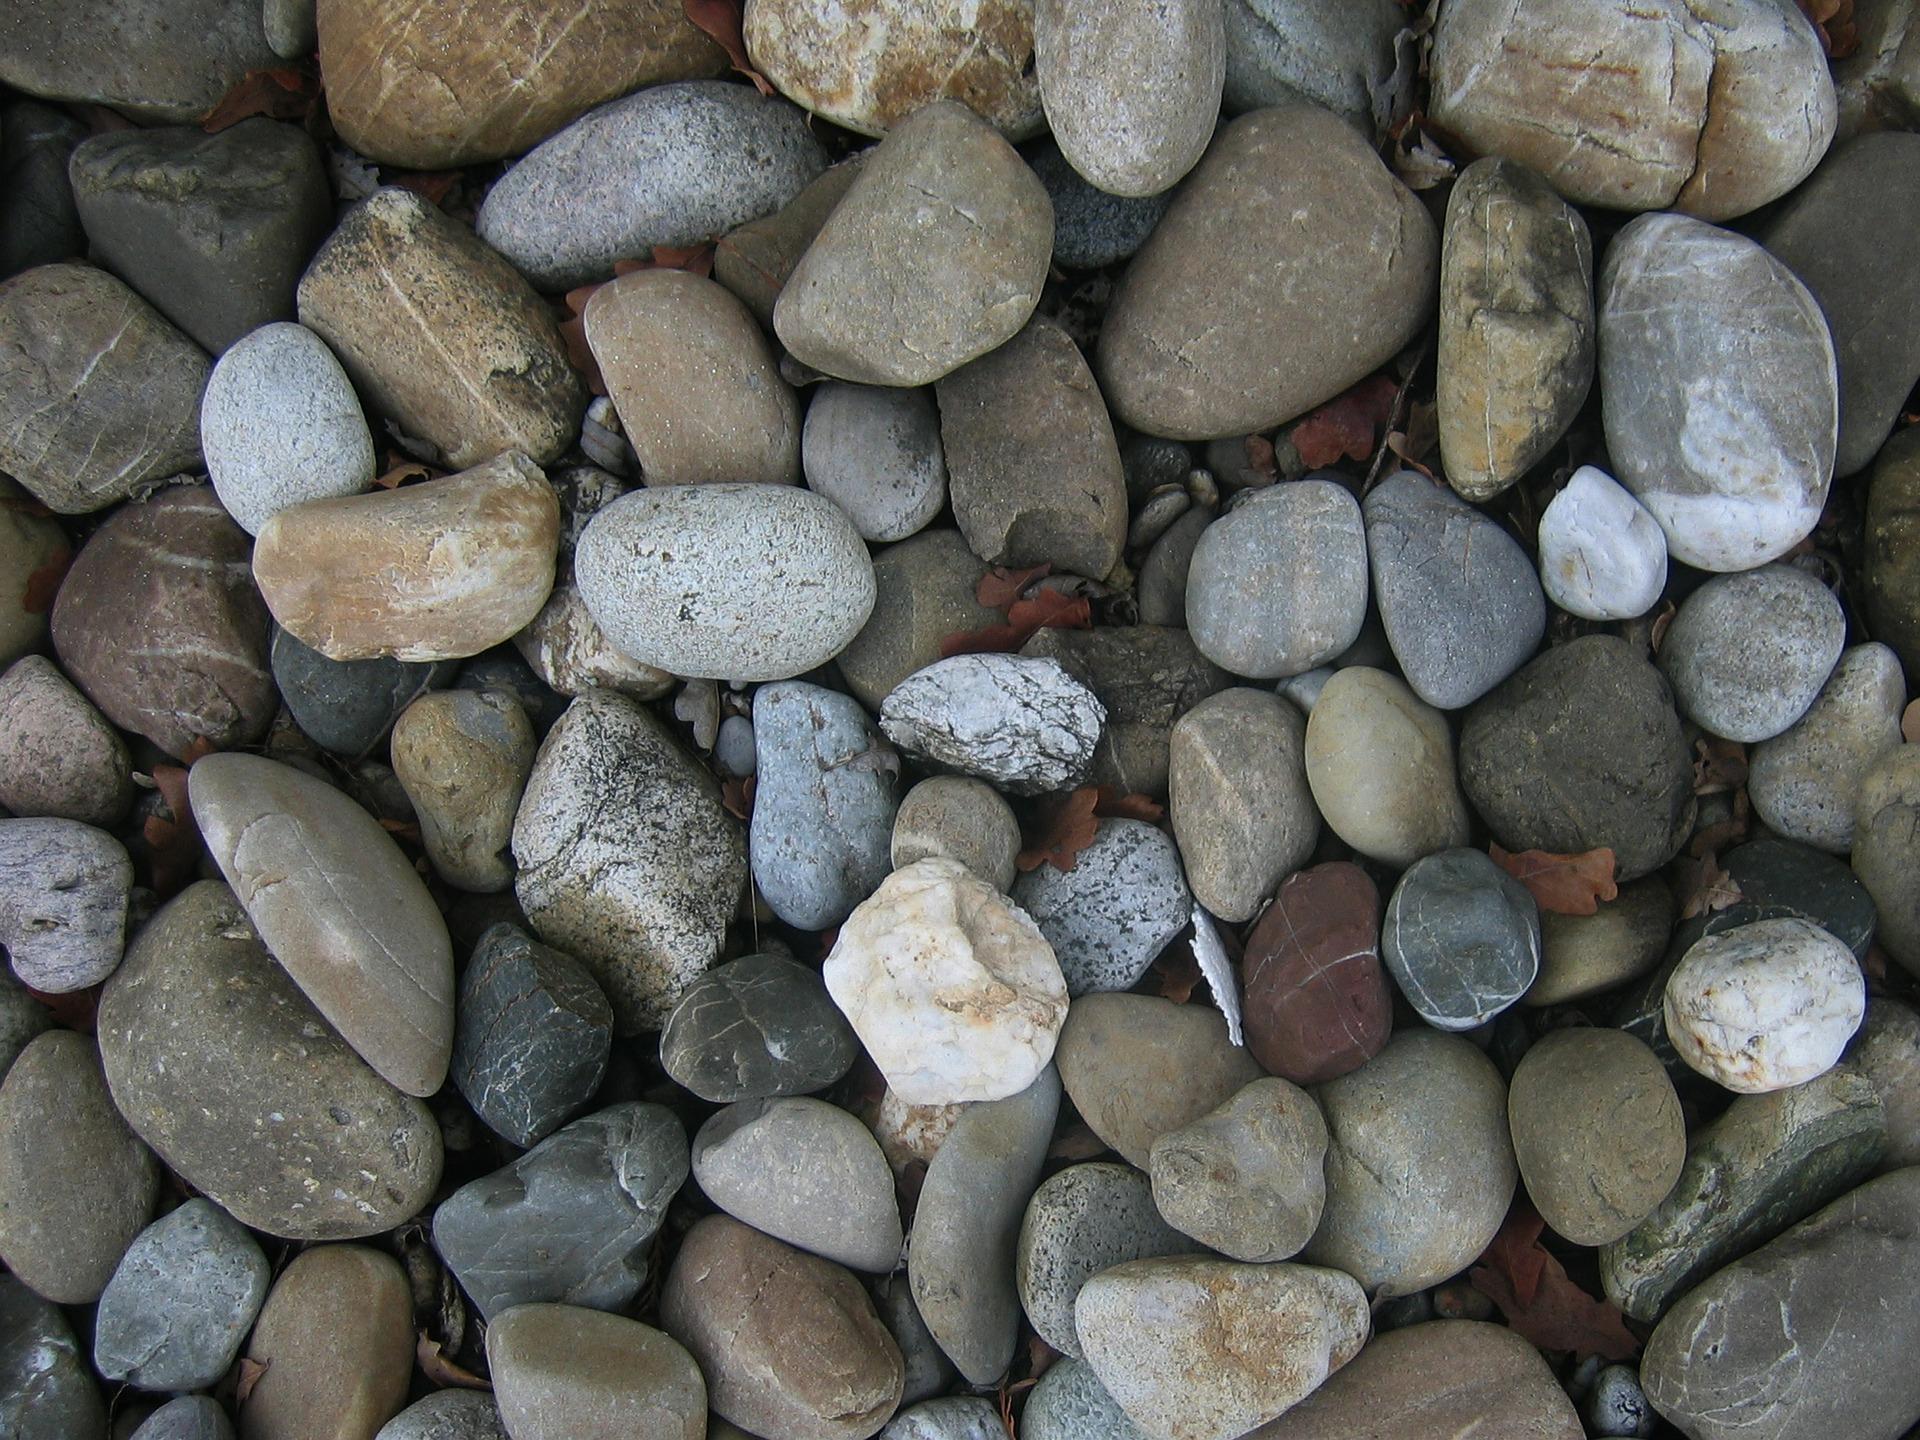 stones-230145_1920